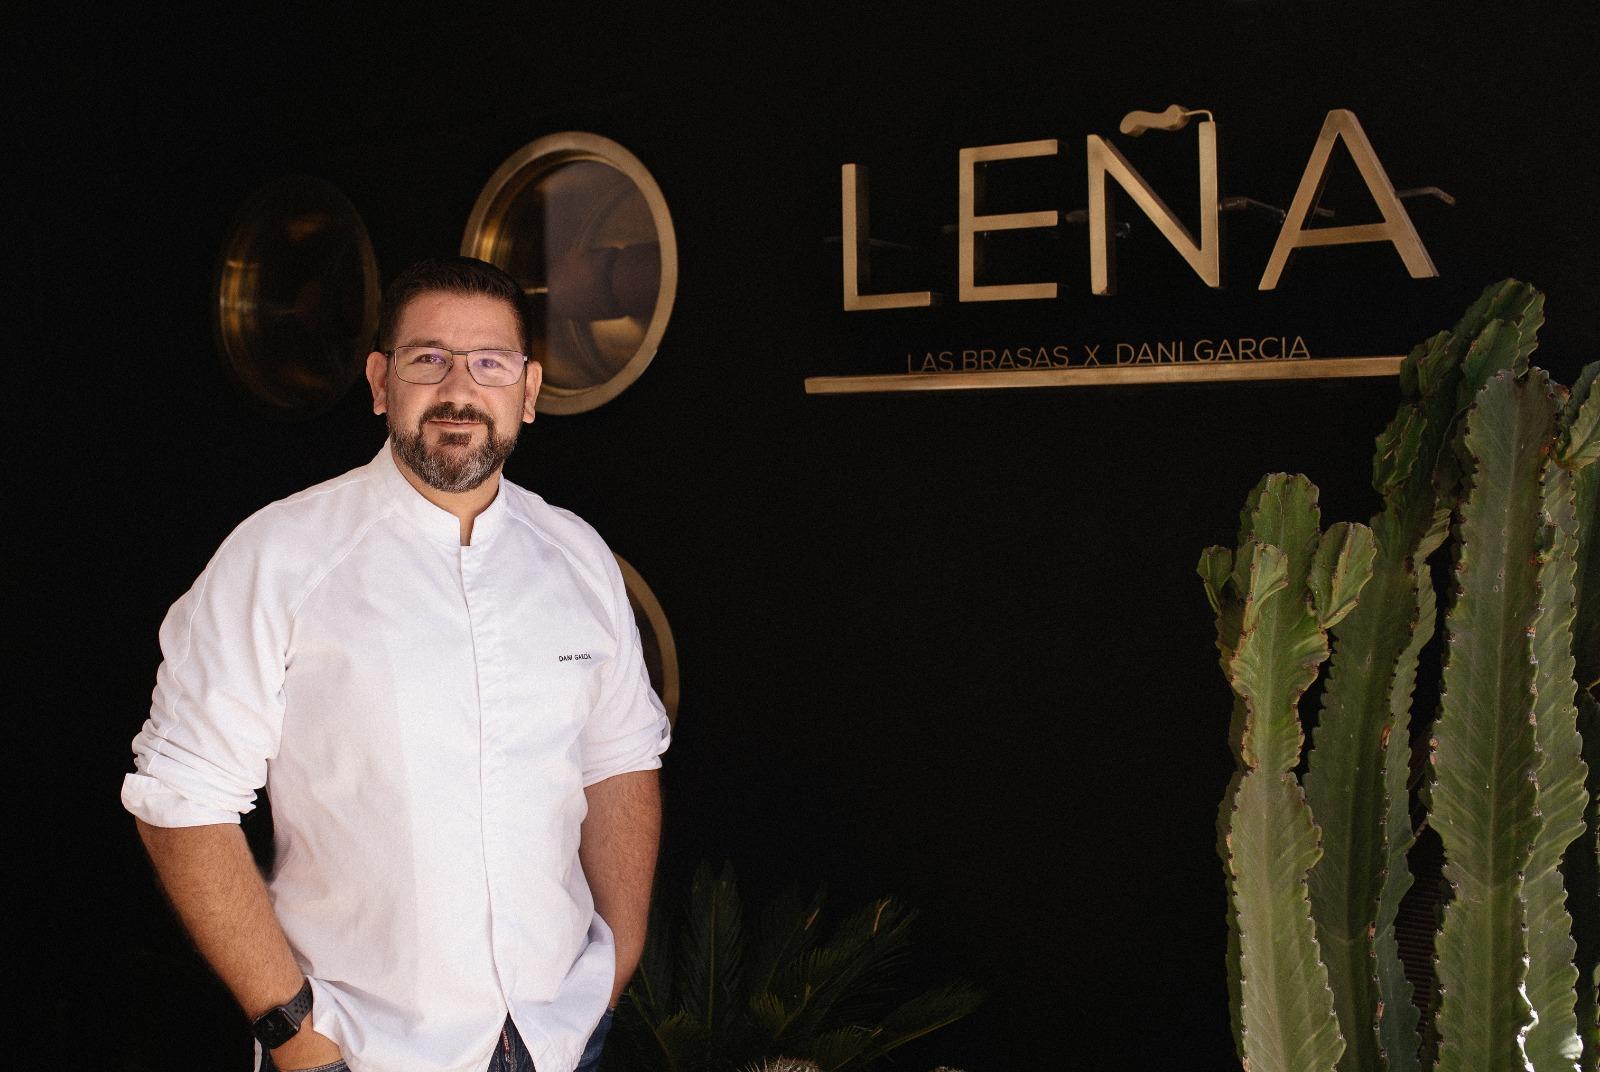 Restaurante Leña: lo nuevo de Dani García